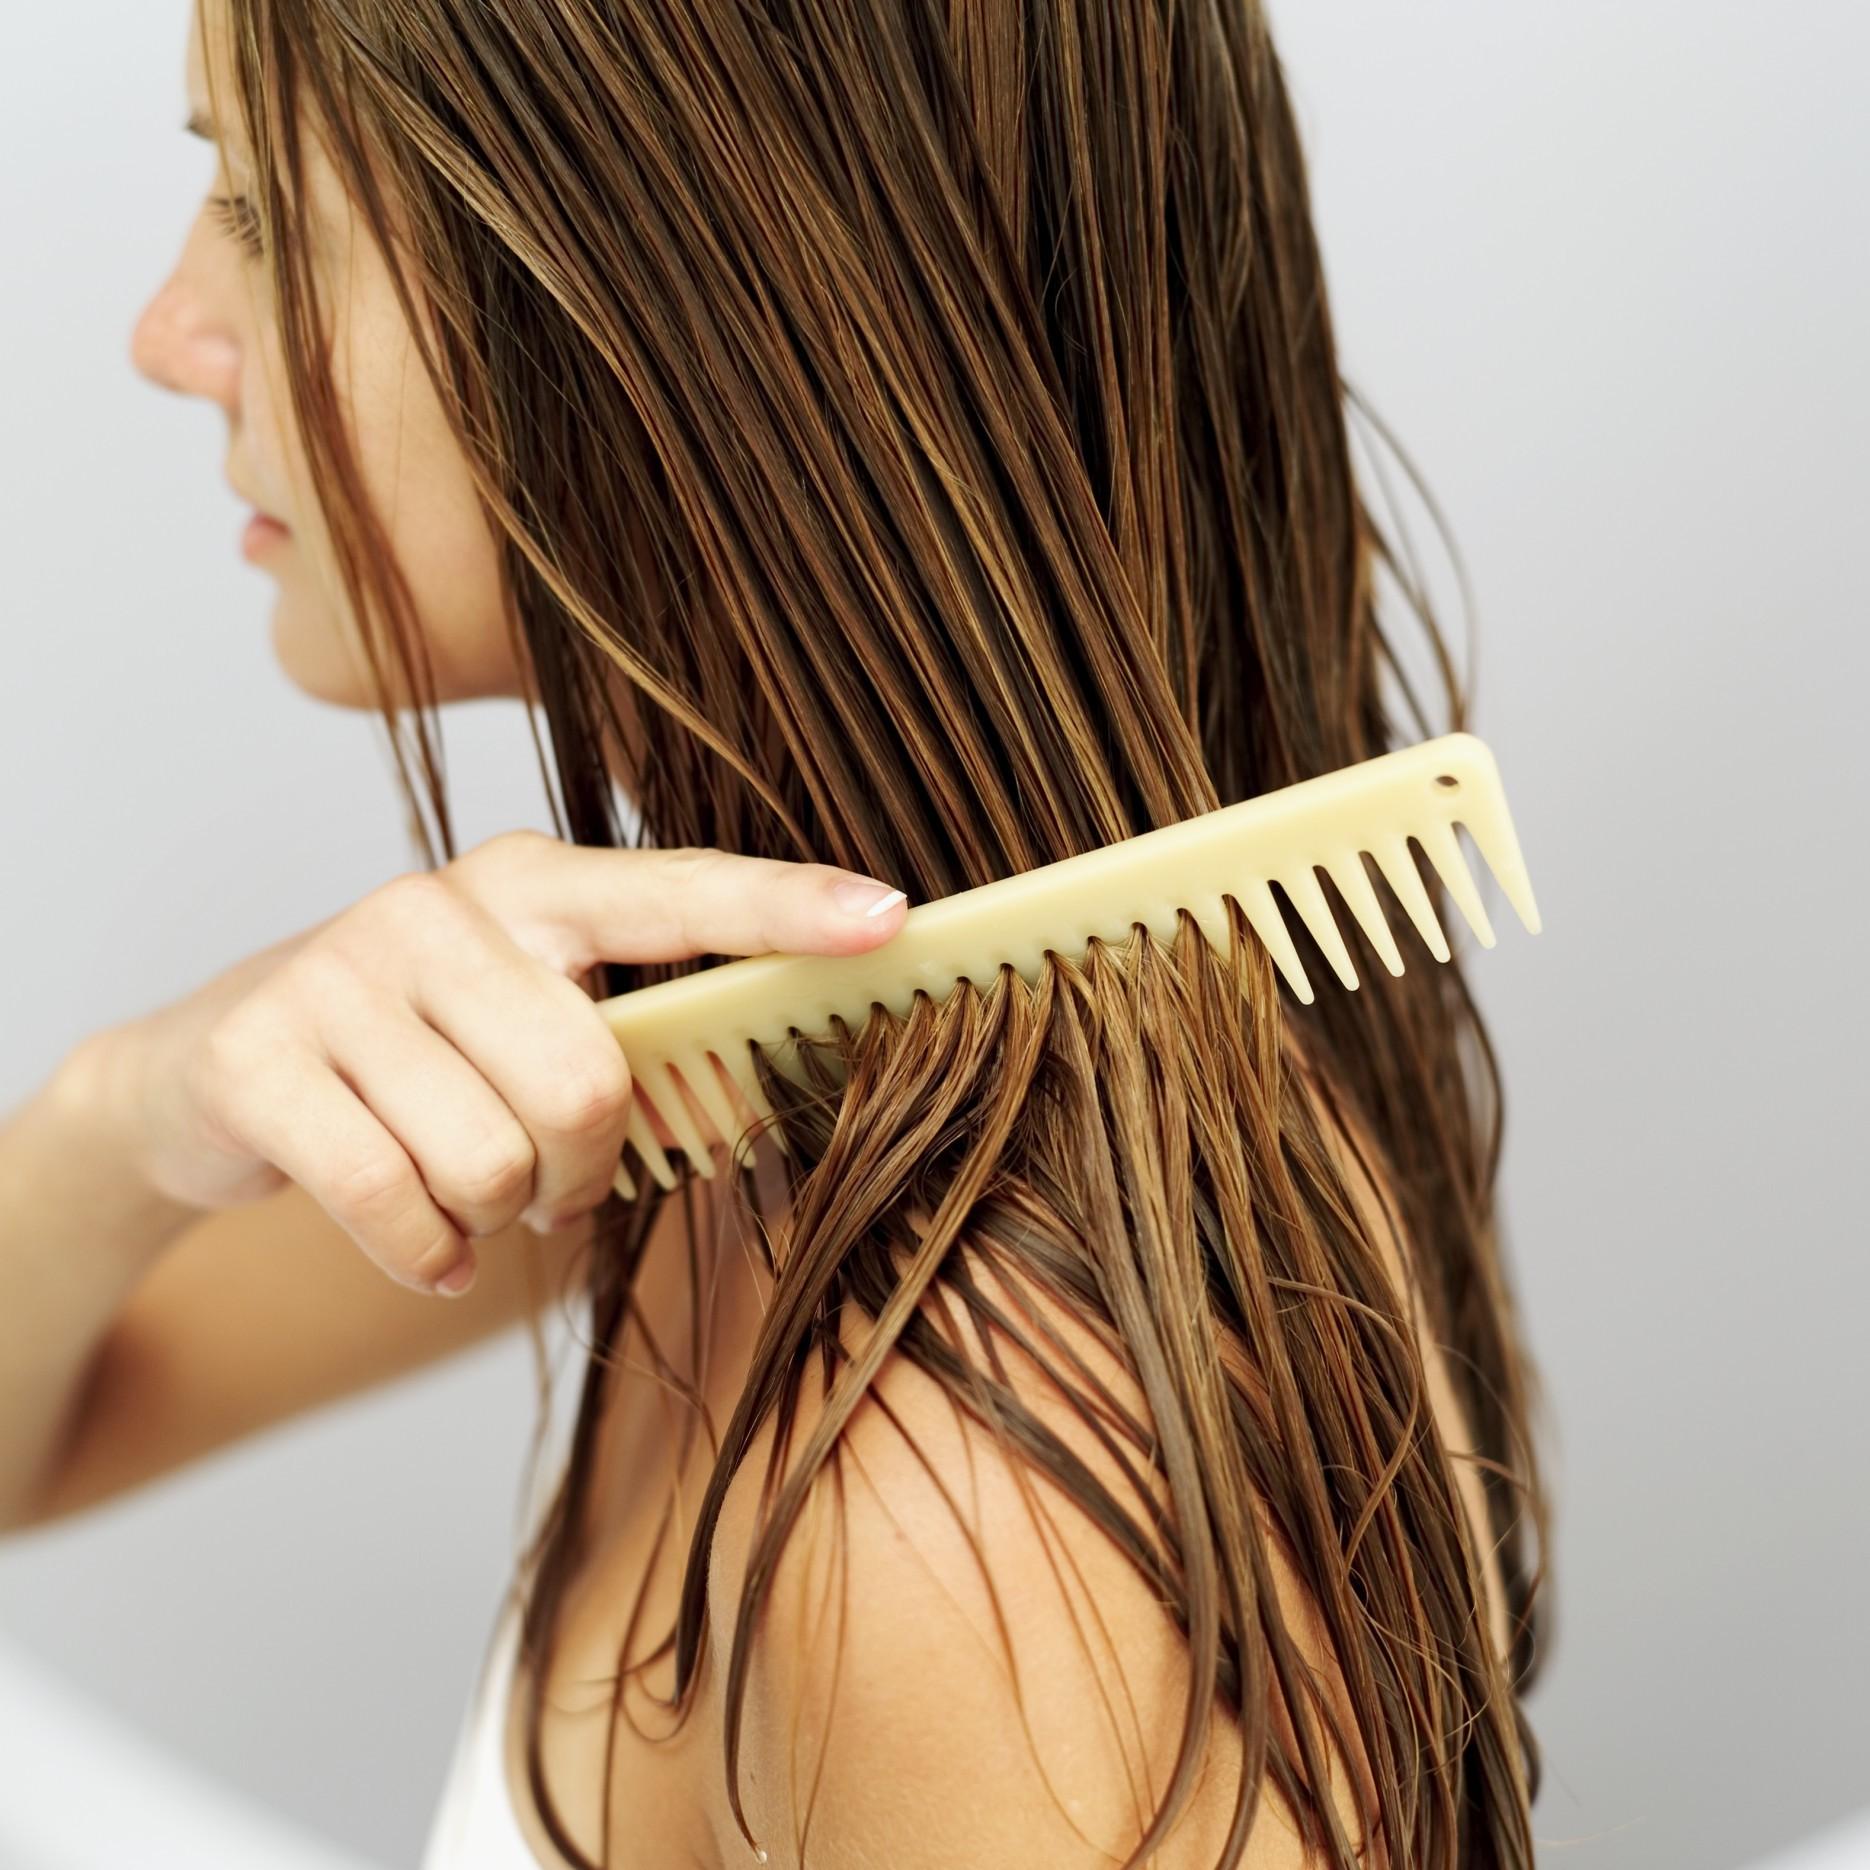 Chăm tắm gội mà đầu vẫn đầy gàu có thể là do một trong những thói quen sau - Ảnh 1.